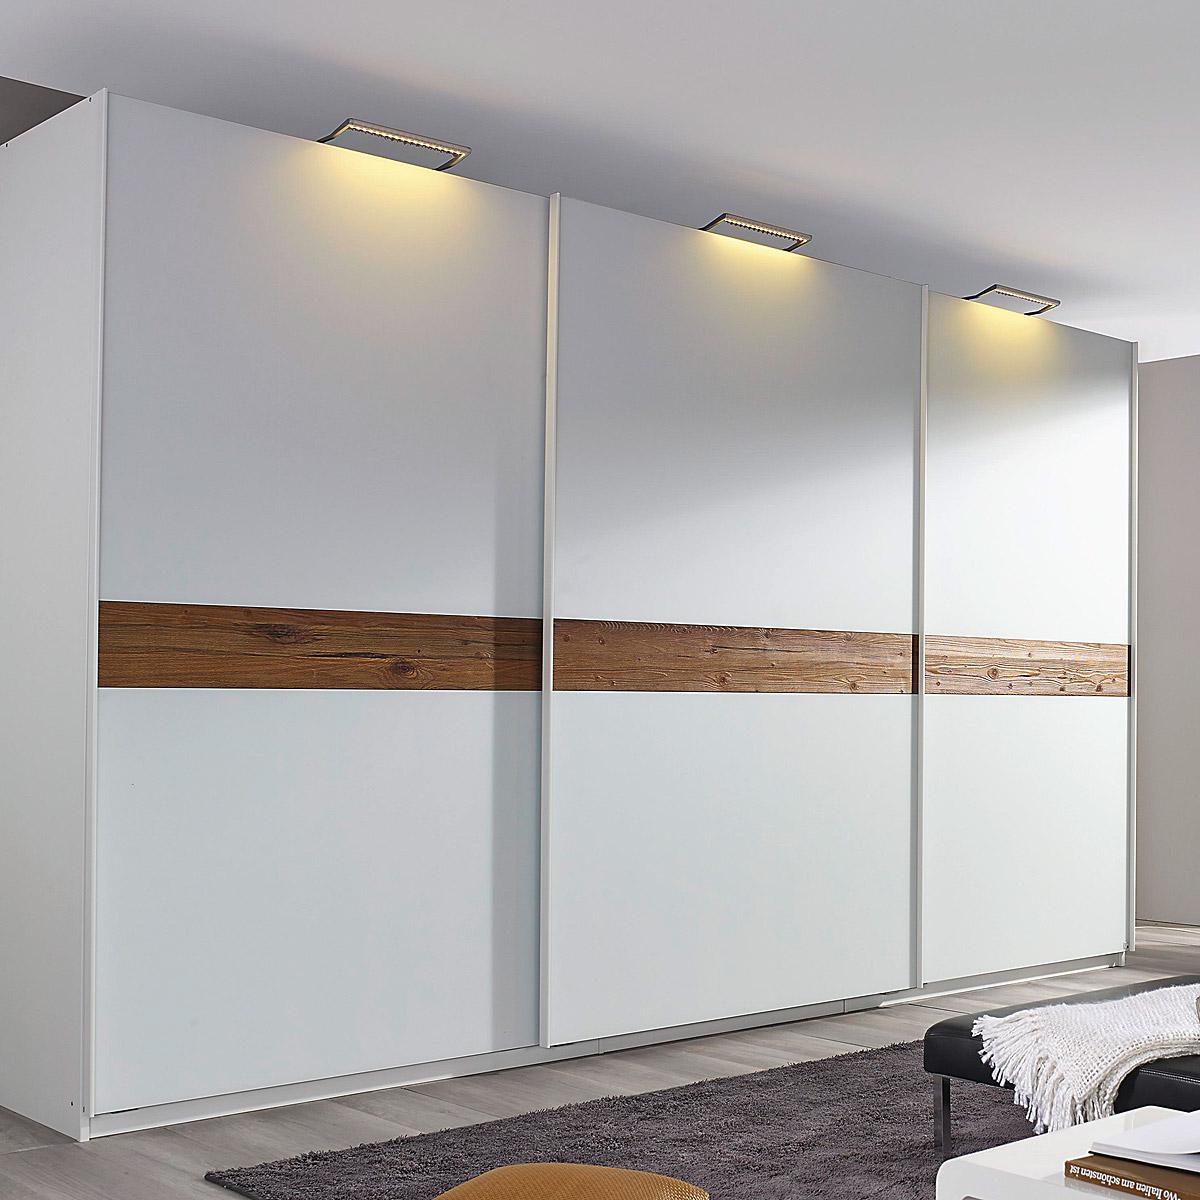 kleiderschrank bayamo schwebet renschrank glas matt wei wildeiche natur b 315 ebay. Black Bedroom Furniture Sets. Home Design Ideas